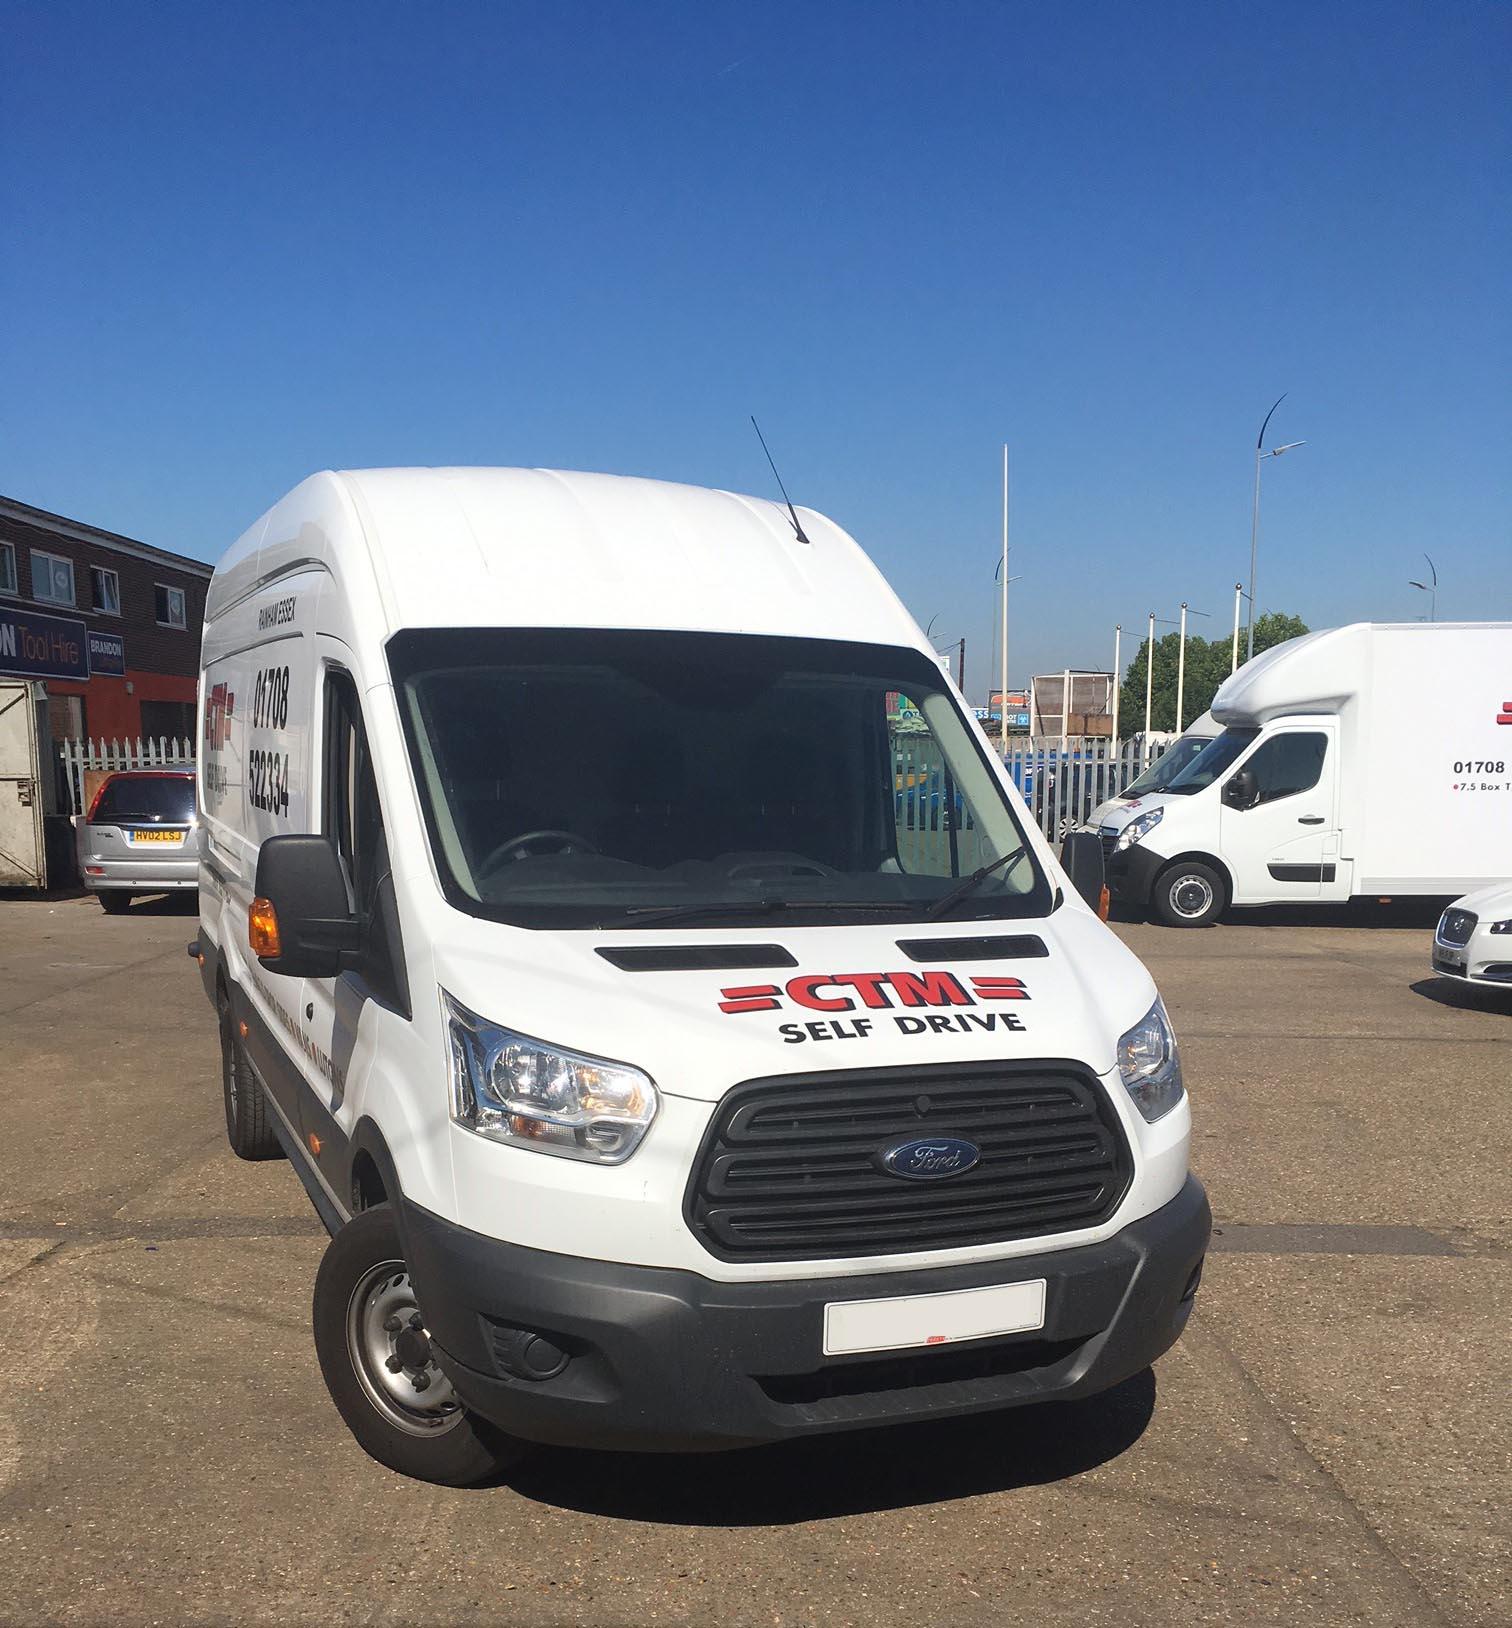 Commercial Vehicle Sales Essex | CTM Hire Ltd